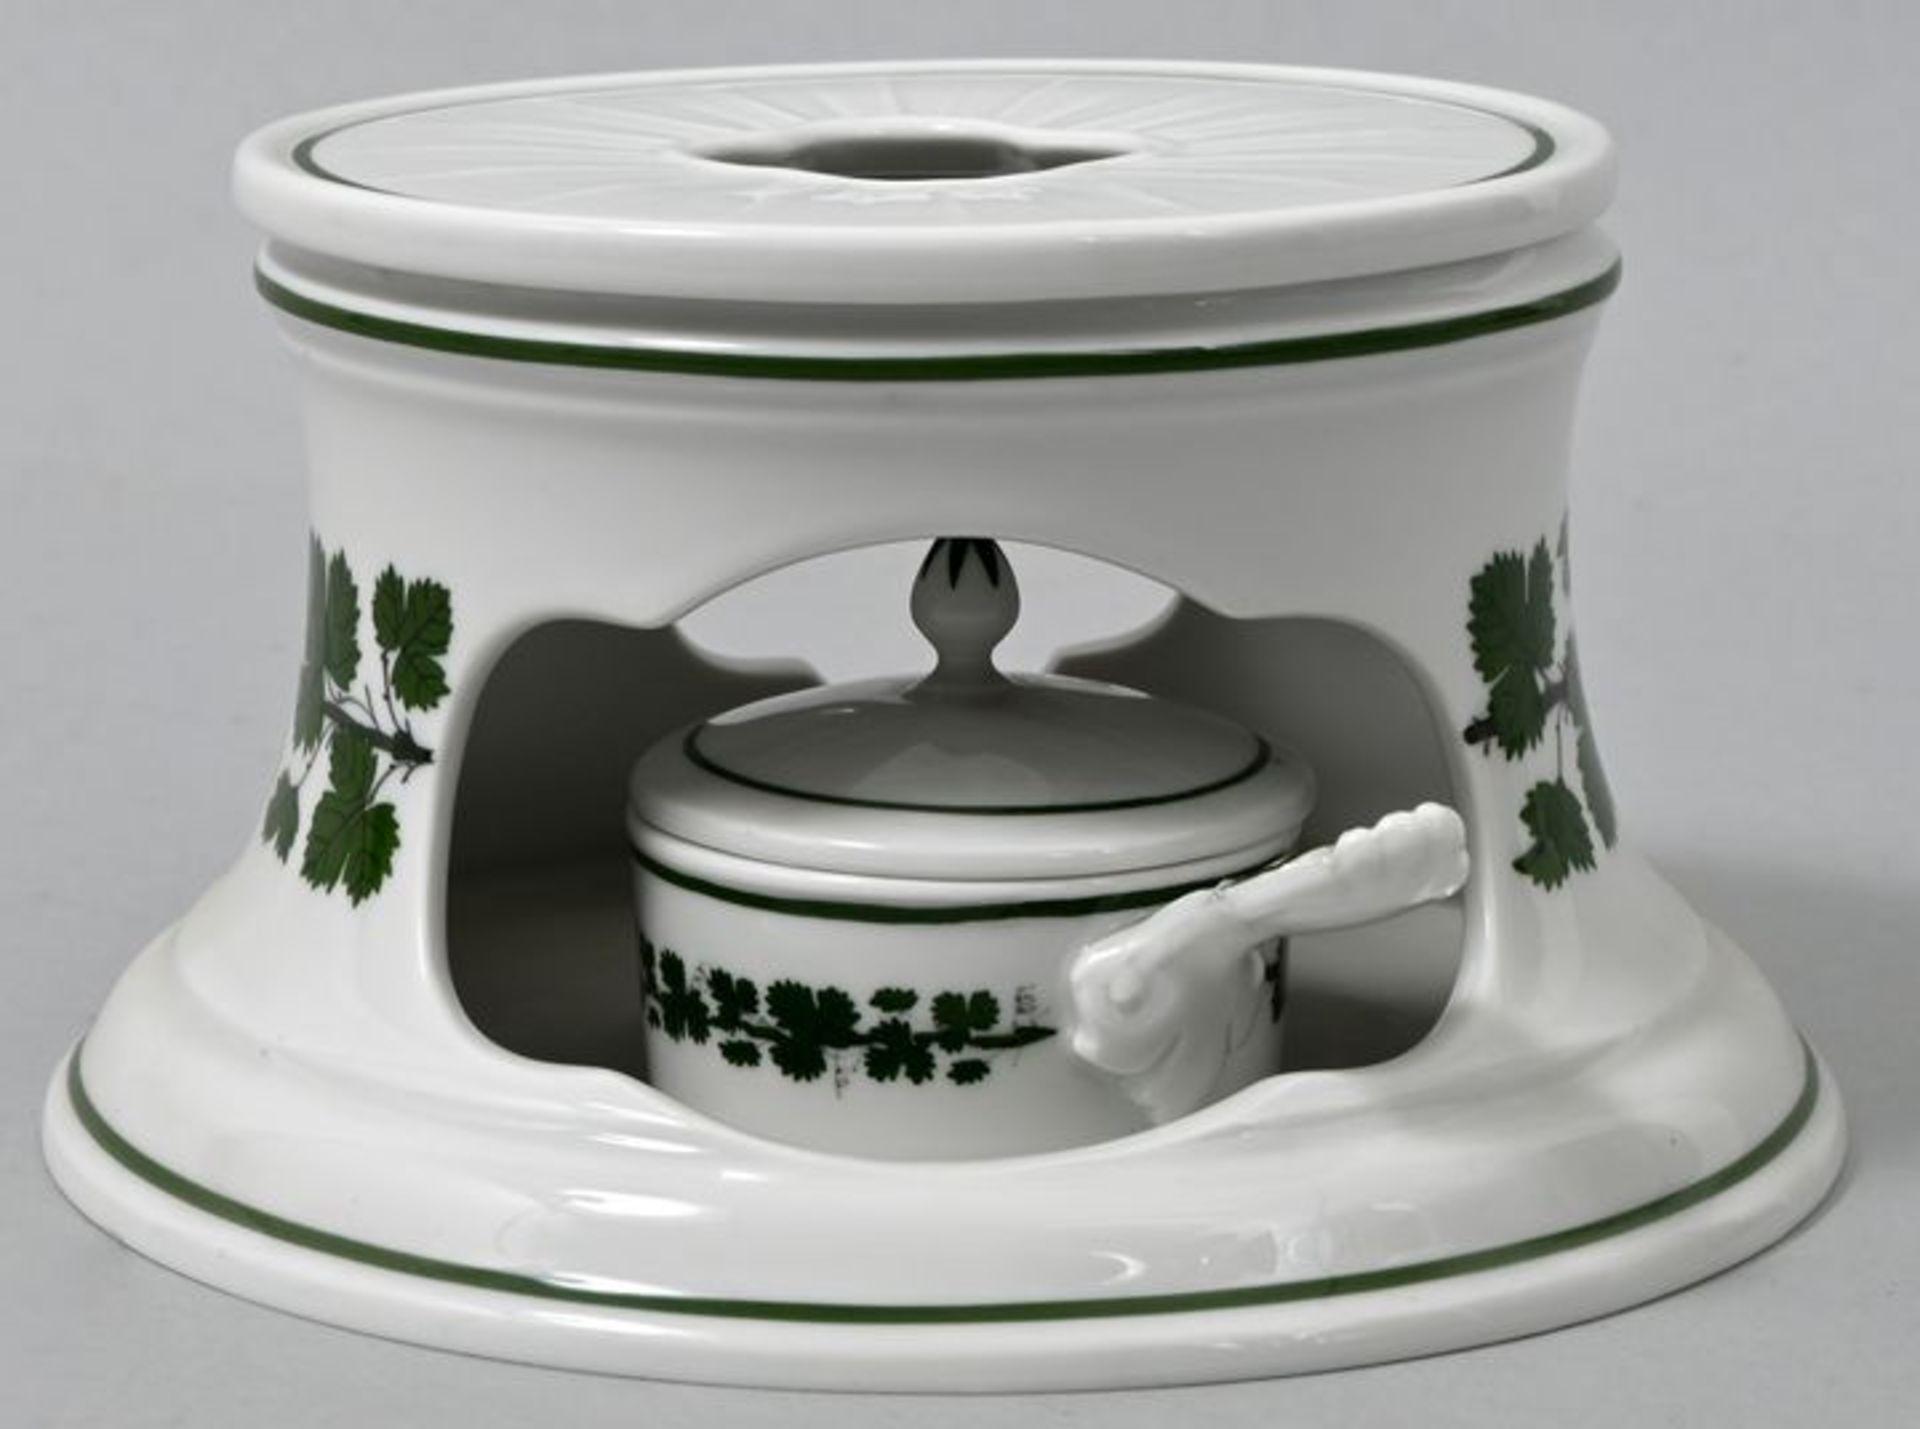 Stövchen/ Wärmer, Meissen, 2. H. 20. Jh.Porzellan, Weinlaubdekor. Mit Teelicht-Einsatz-Pfä